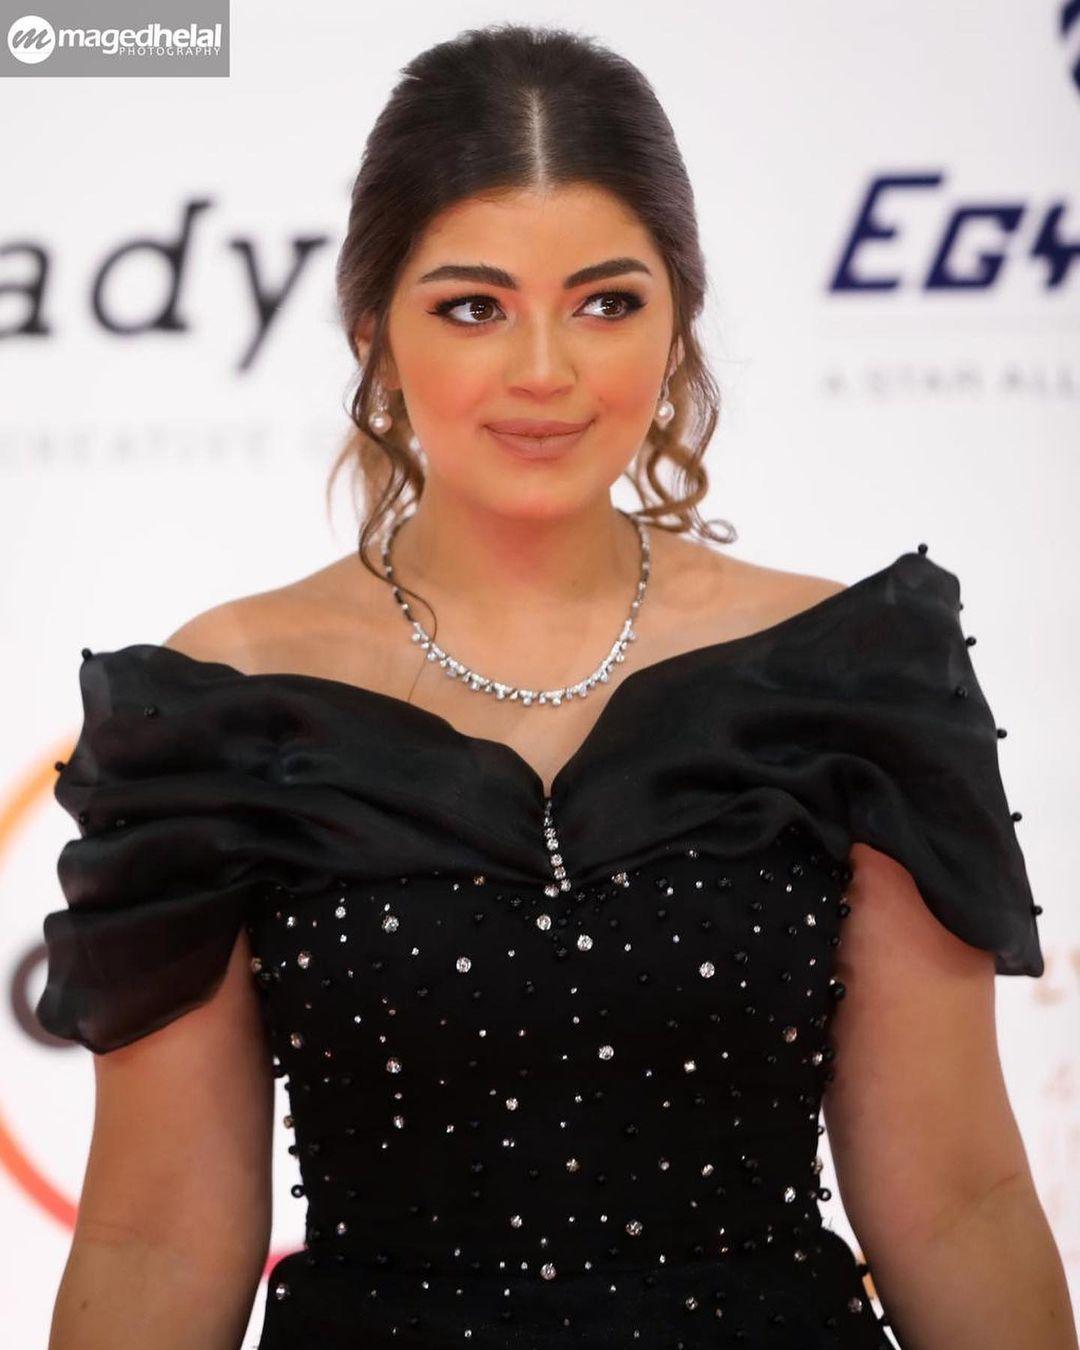 ليلى-احمد-زاهر-في-بيتنا-روبوت